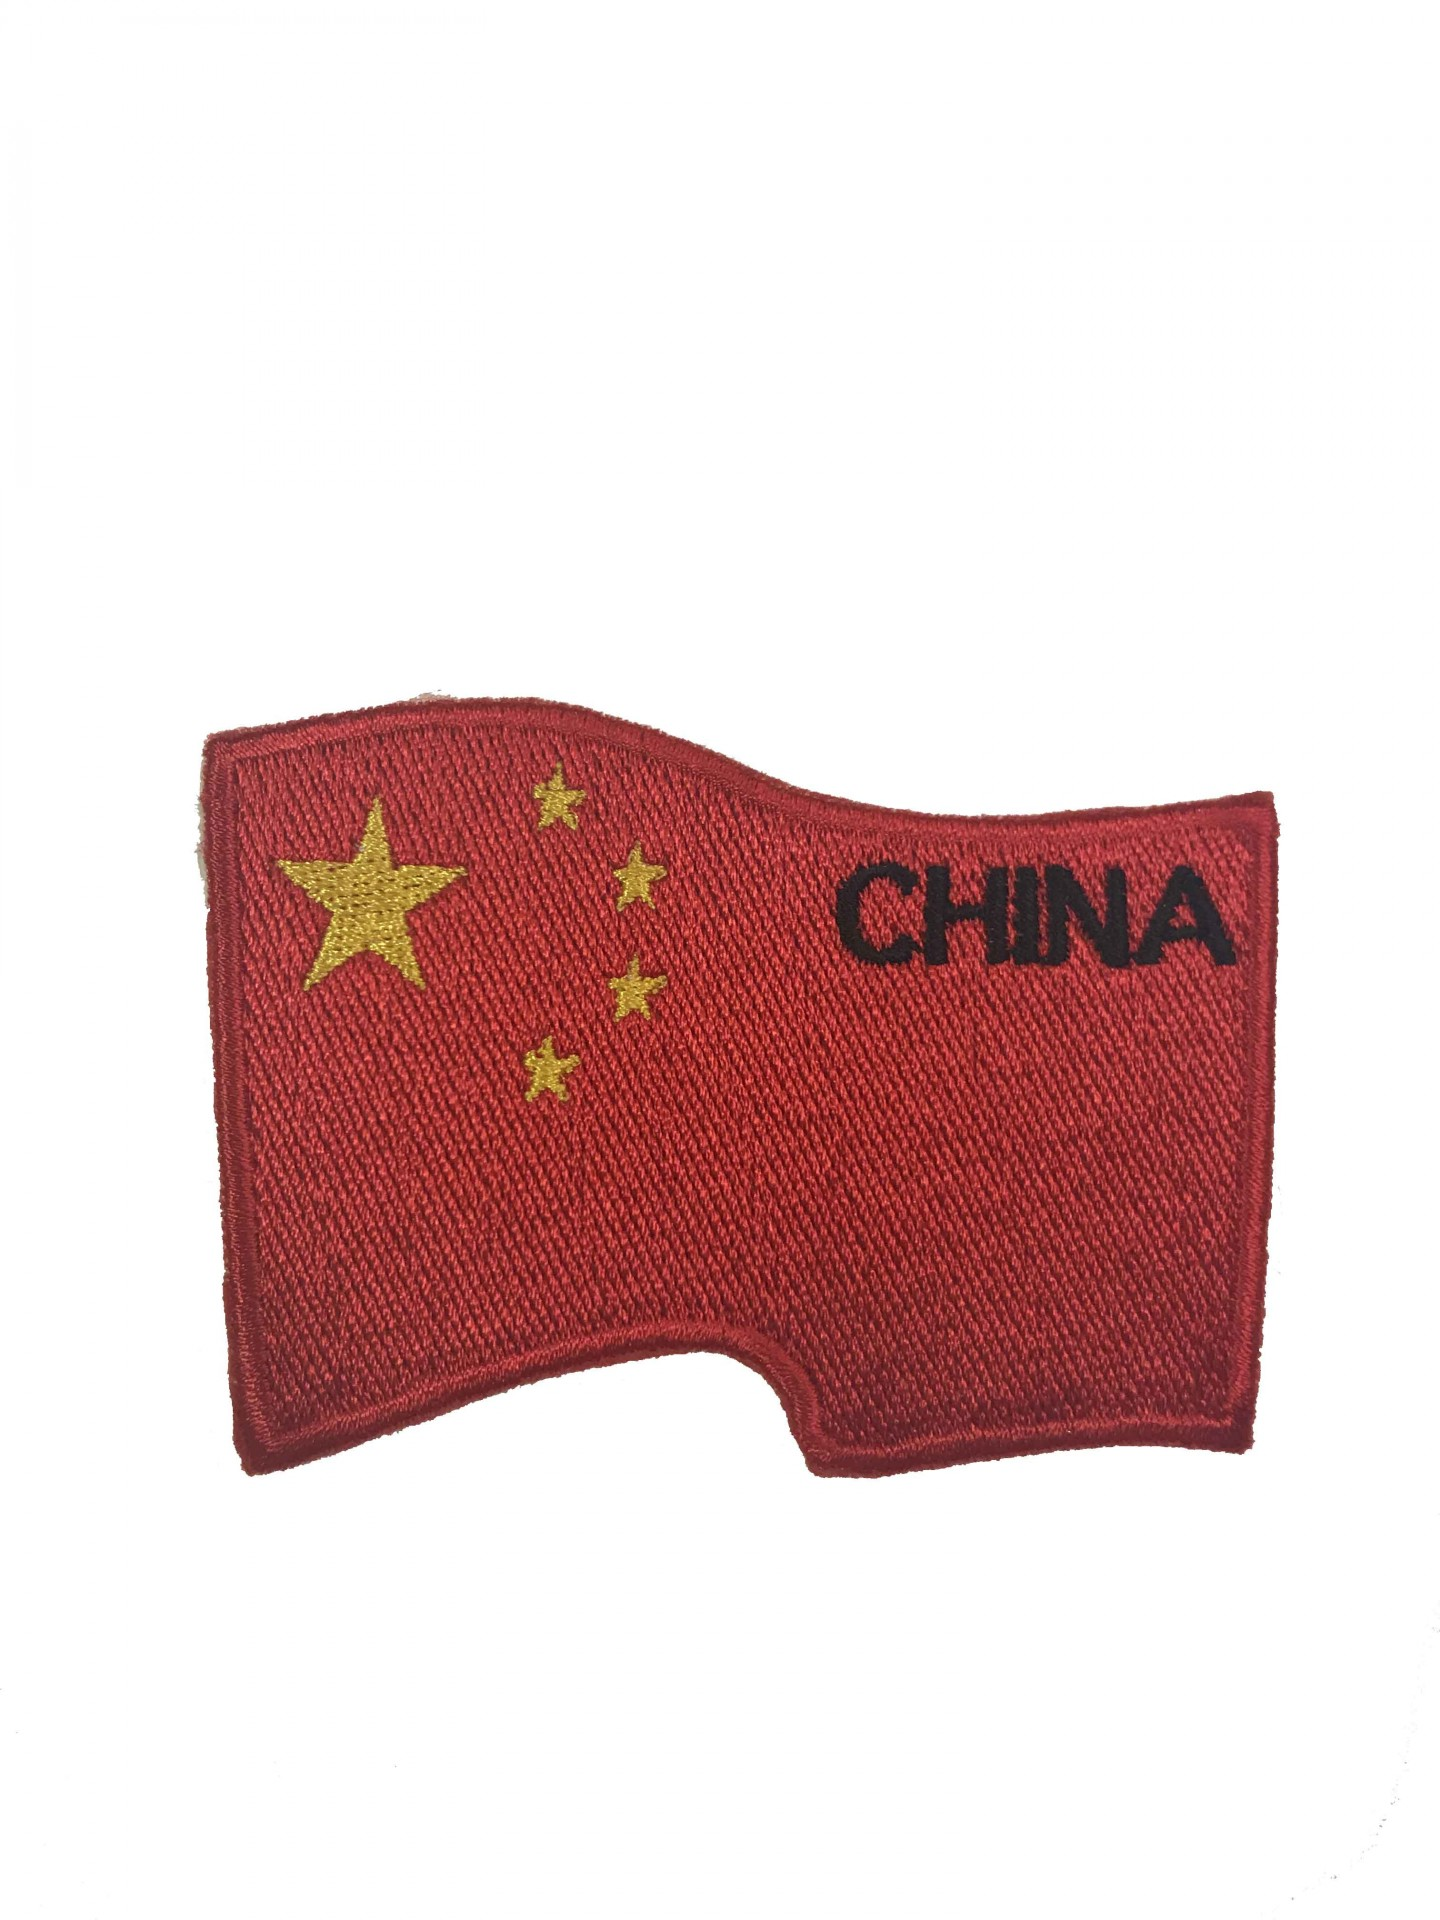 Emblema China